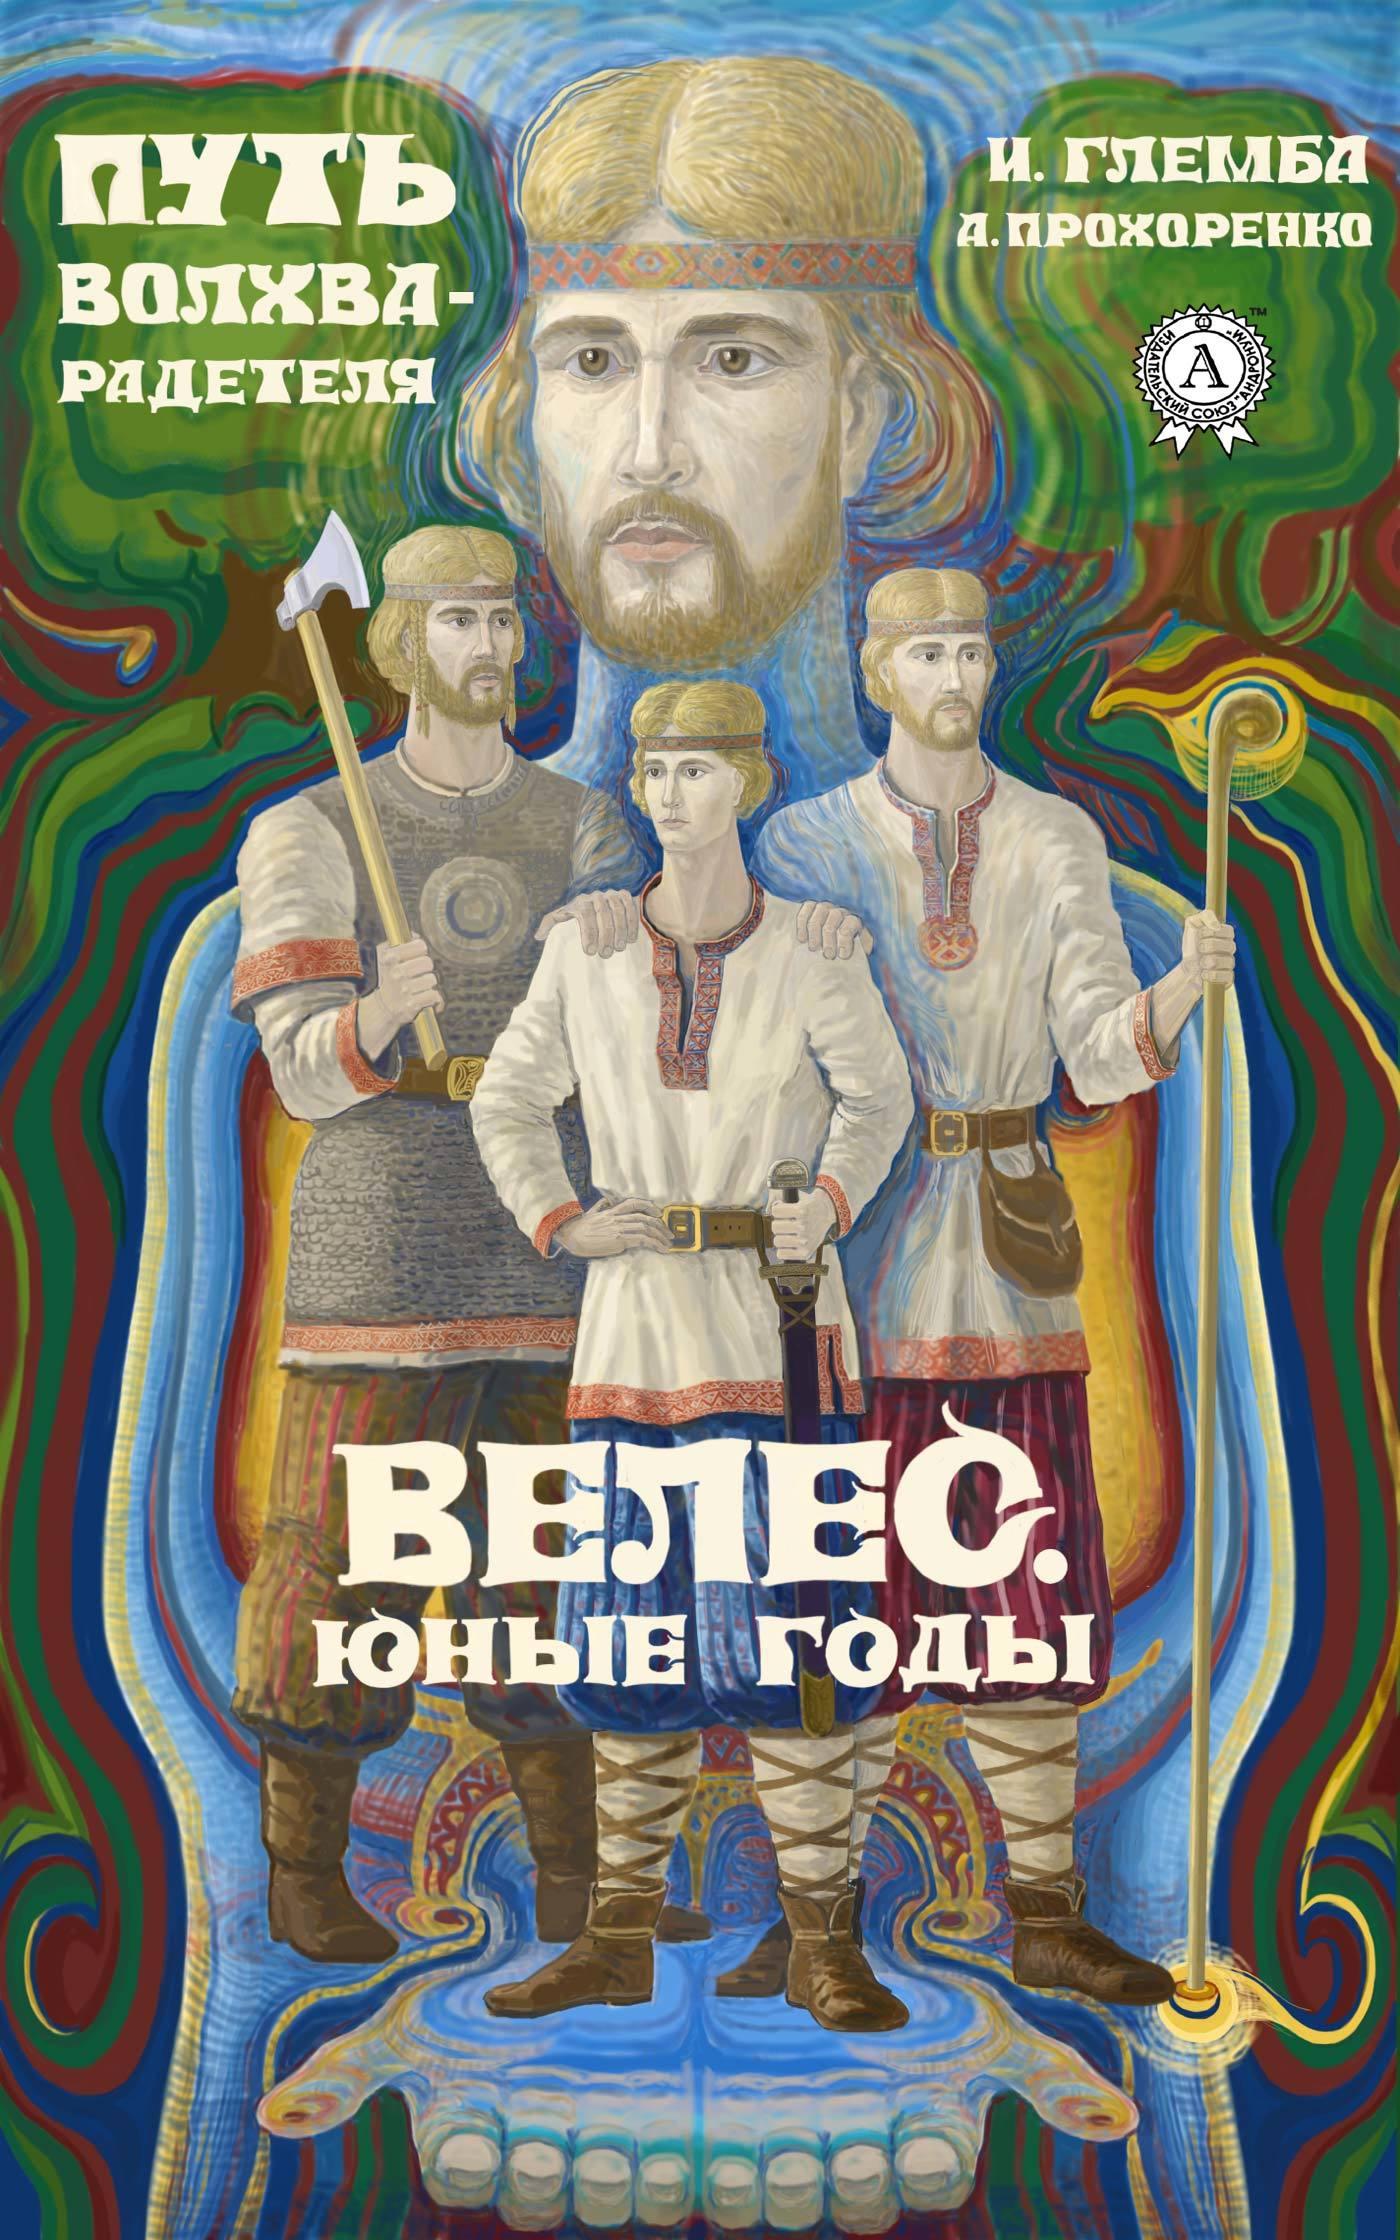 Иван Глемба, Андрей Прохоренко - Велес. Юные годы